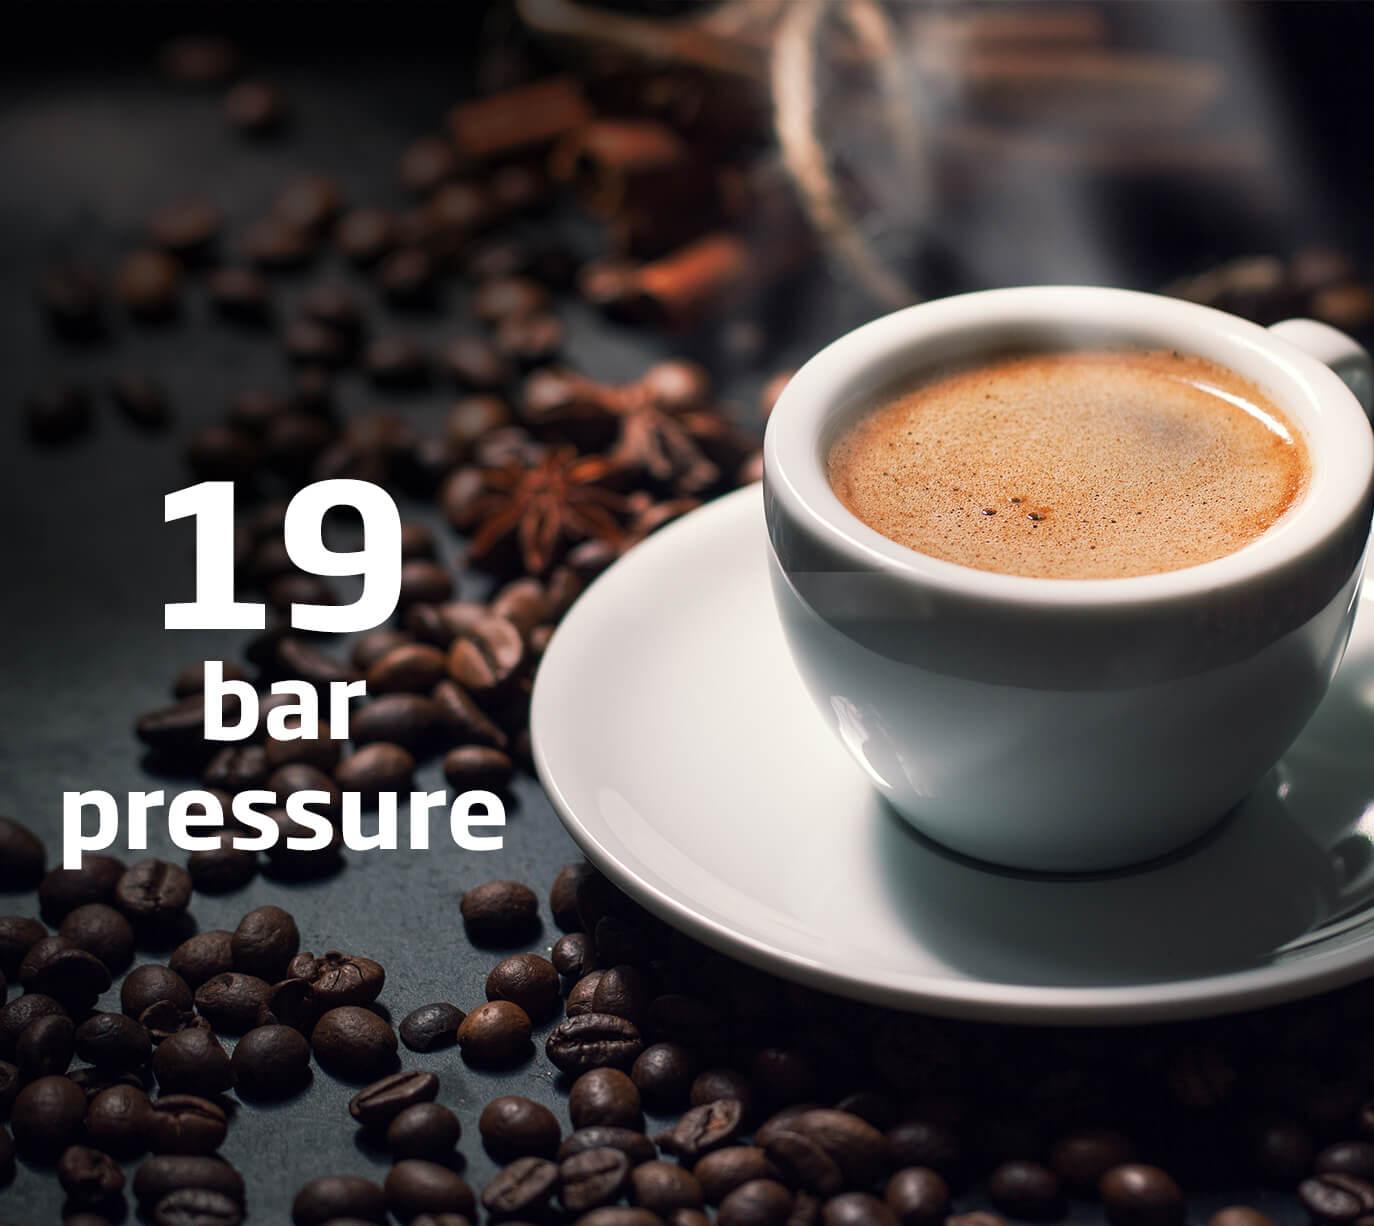 19 bar pressure